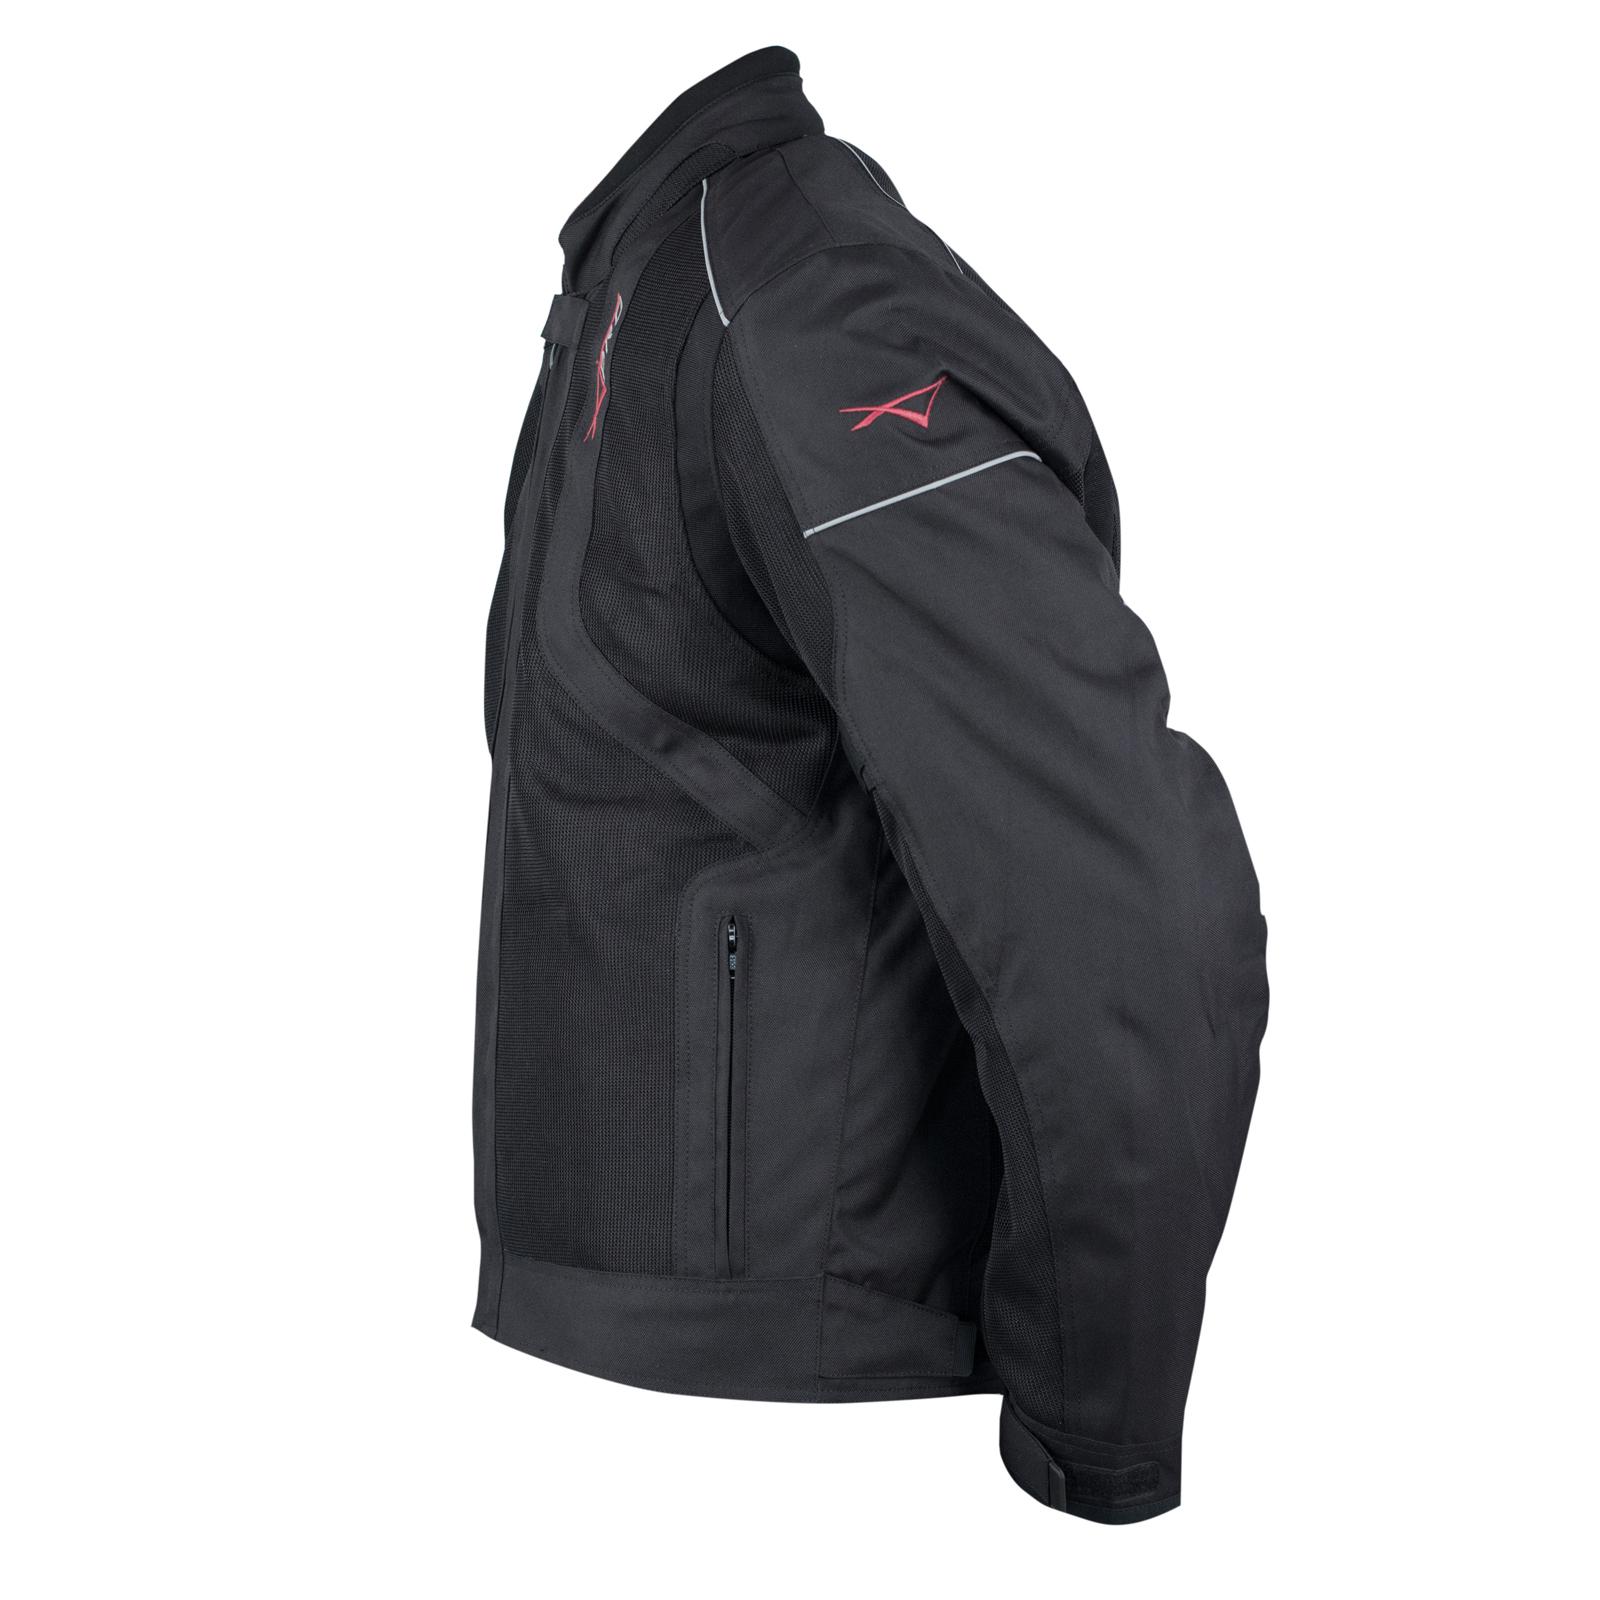 Giacca-Moto-Sport-Tessuto-Protezioni-CE-Impermeabile-Ventilata-Nero miniature 6